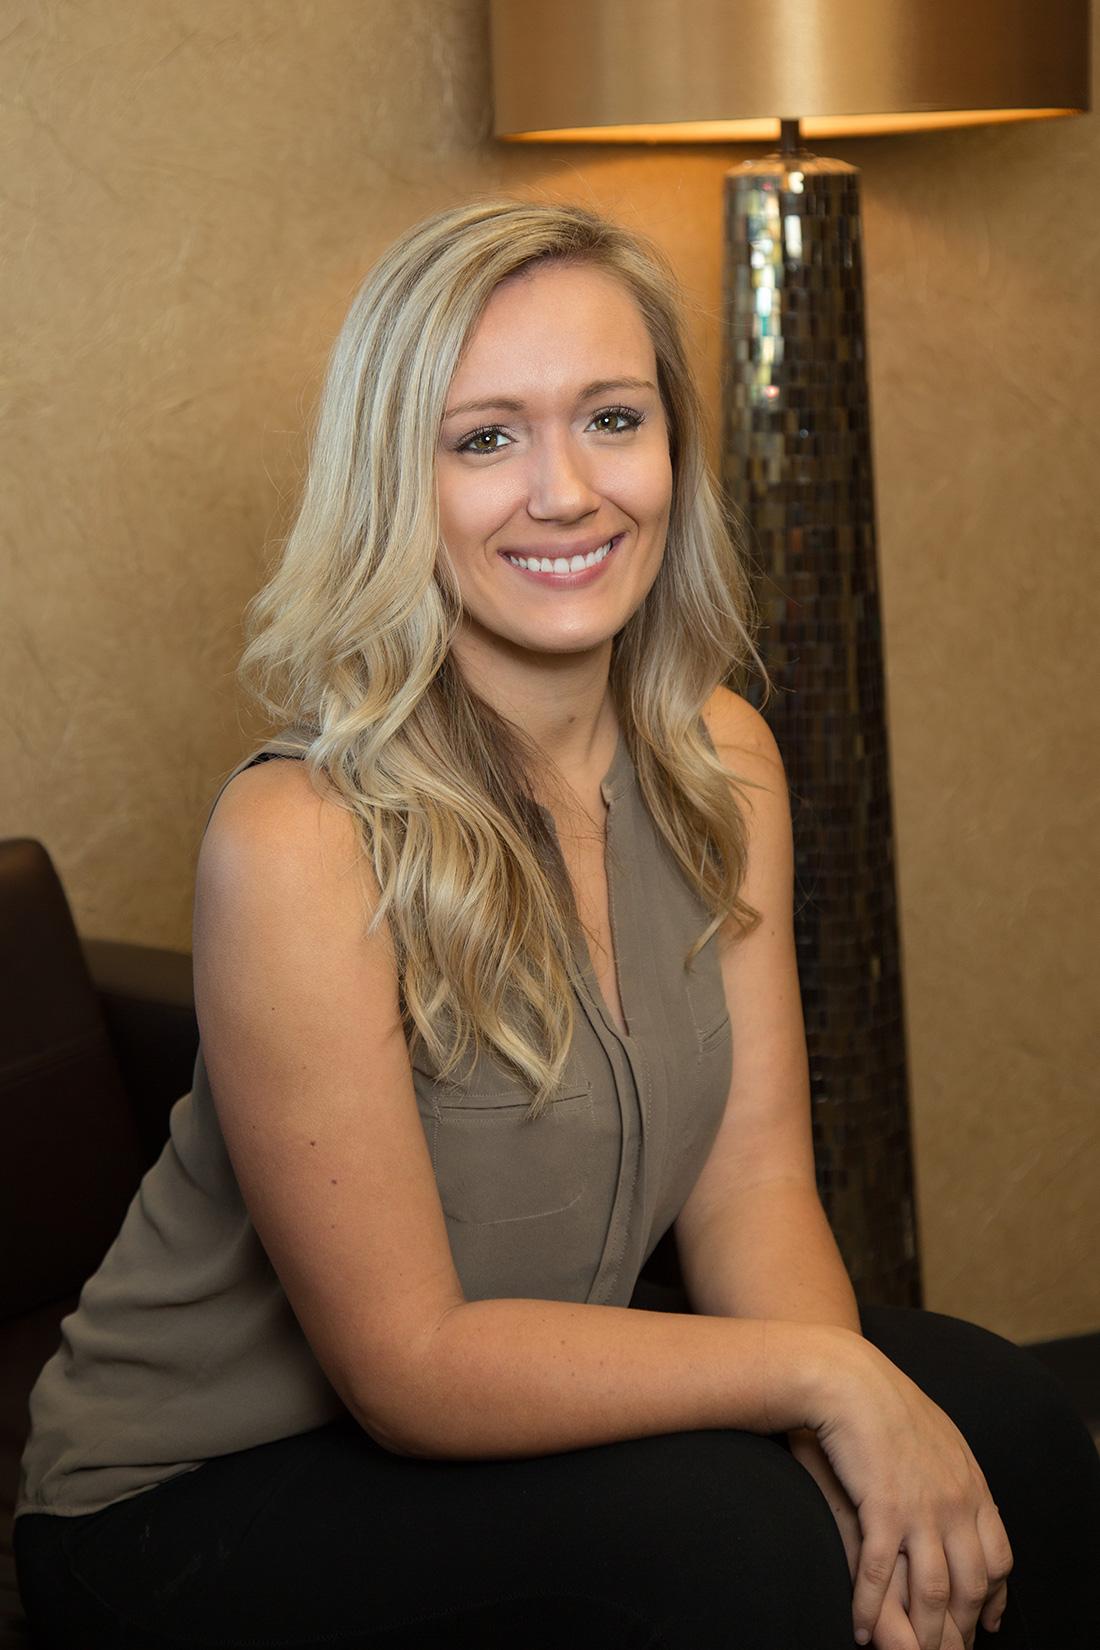 Erica Nechkash